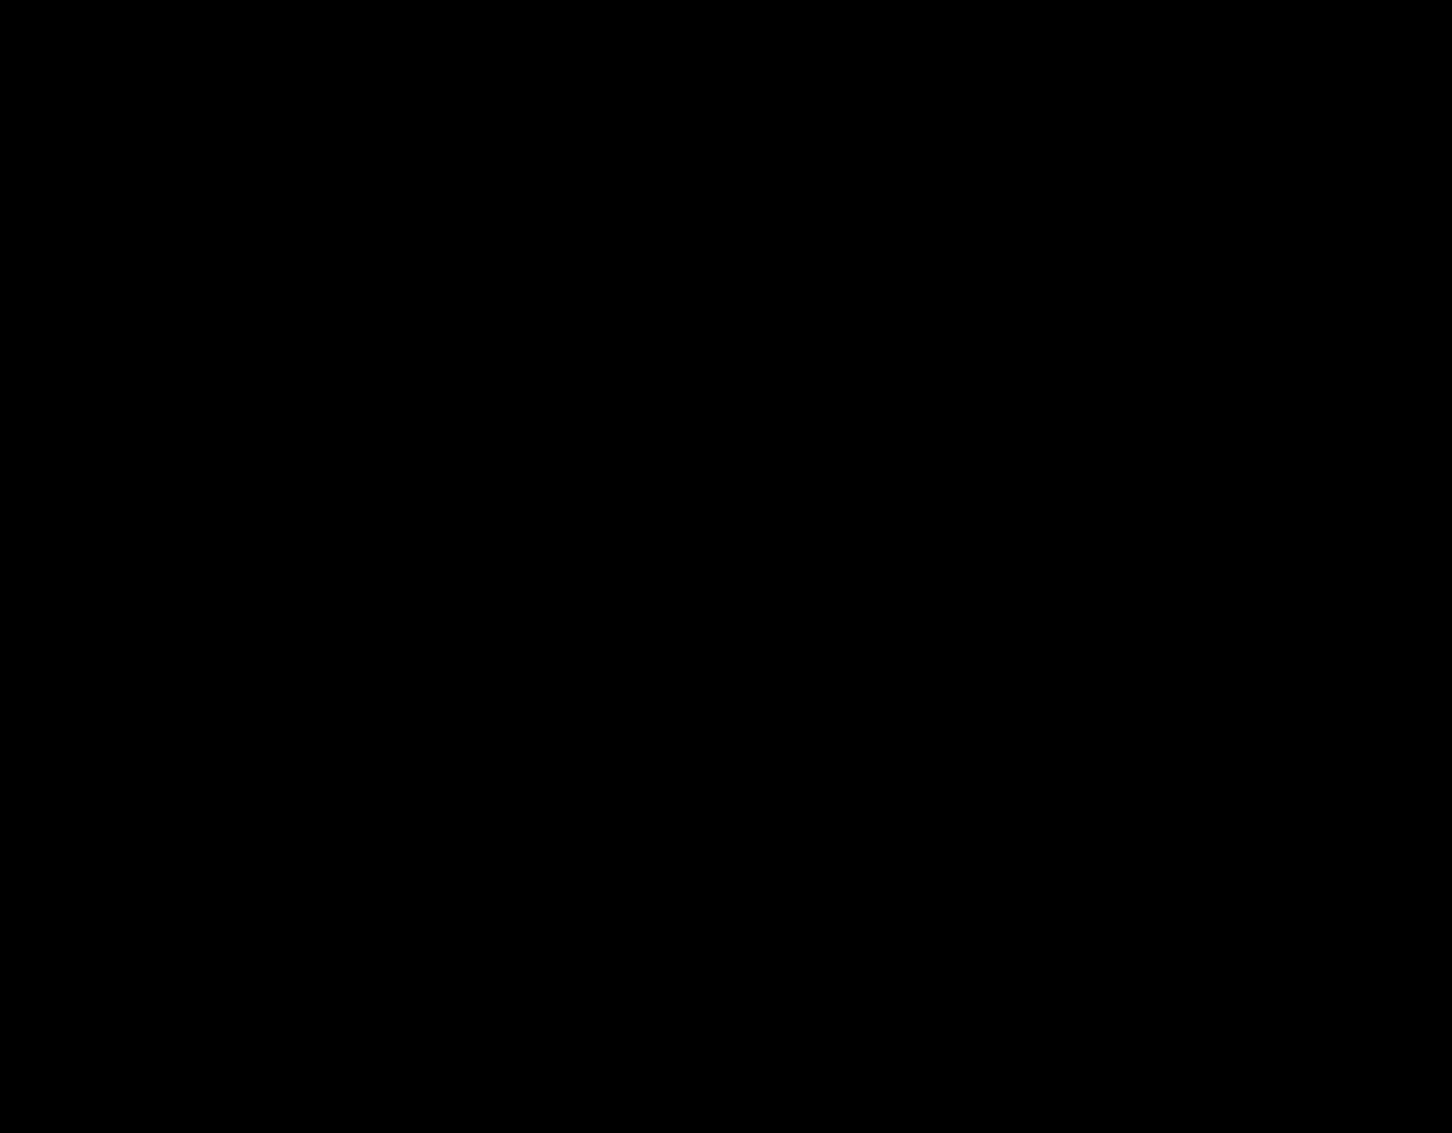 «FANTÔMES» : EXPOSITION A LA MAISON D'AUGUSTE COMTE / DU 9 AU 17 MARS 2019